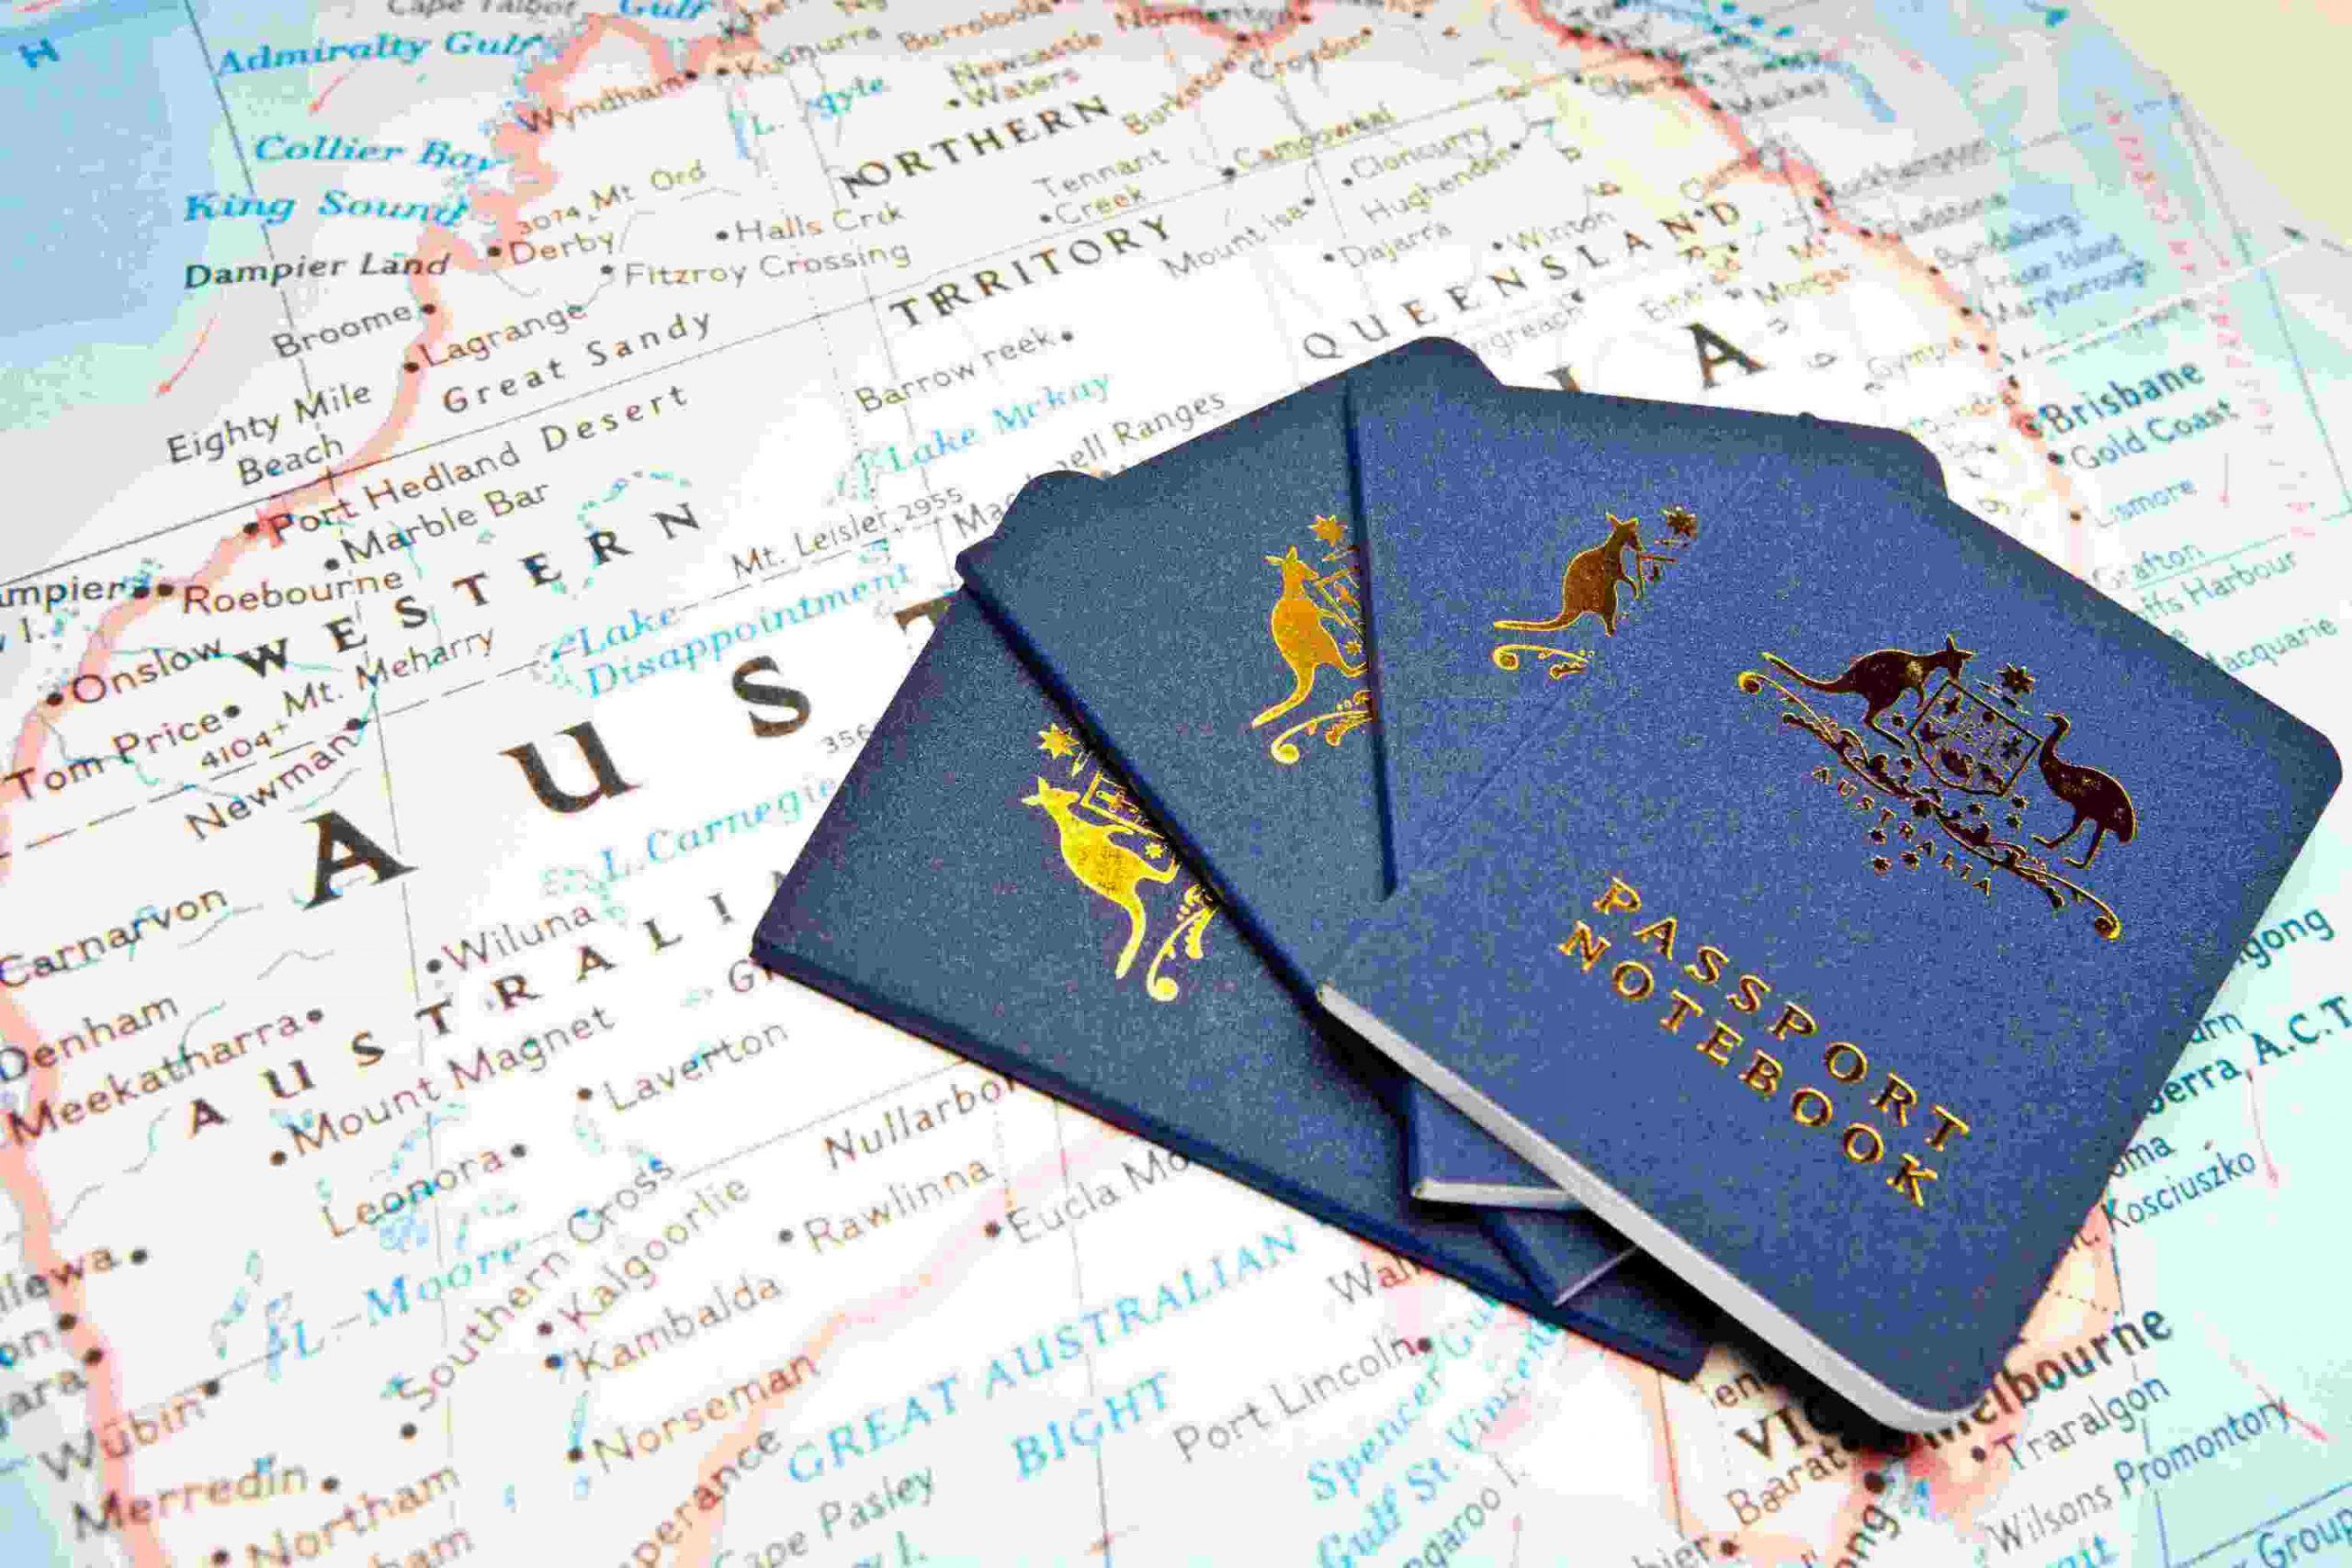 Sang Úc sau 7 tháng với visa Úc diện đầu tư trọng yếu 188C